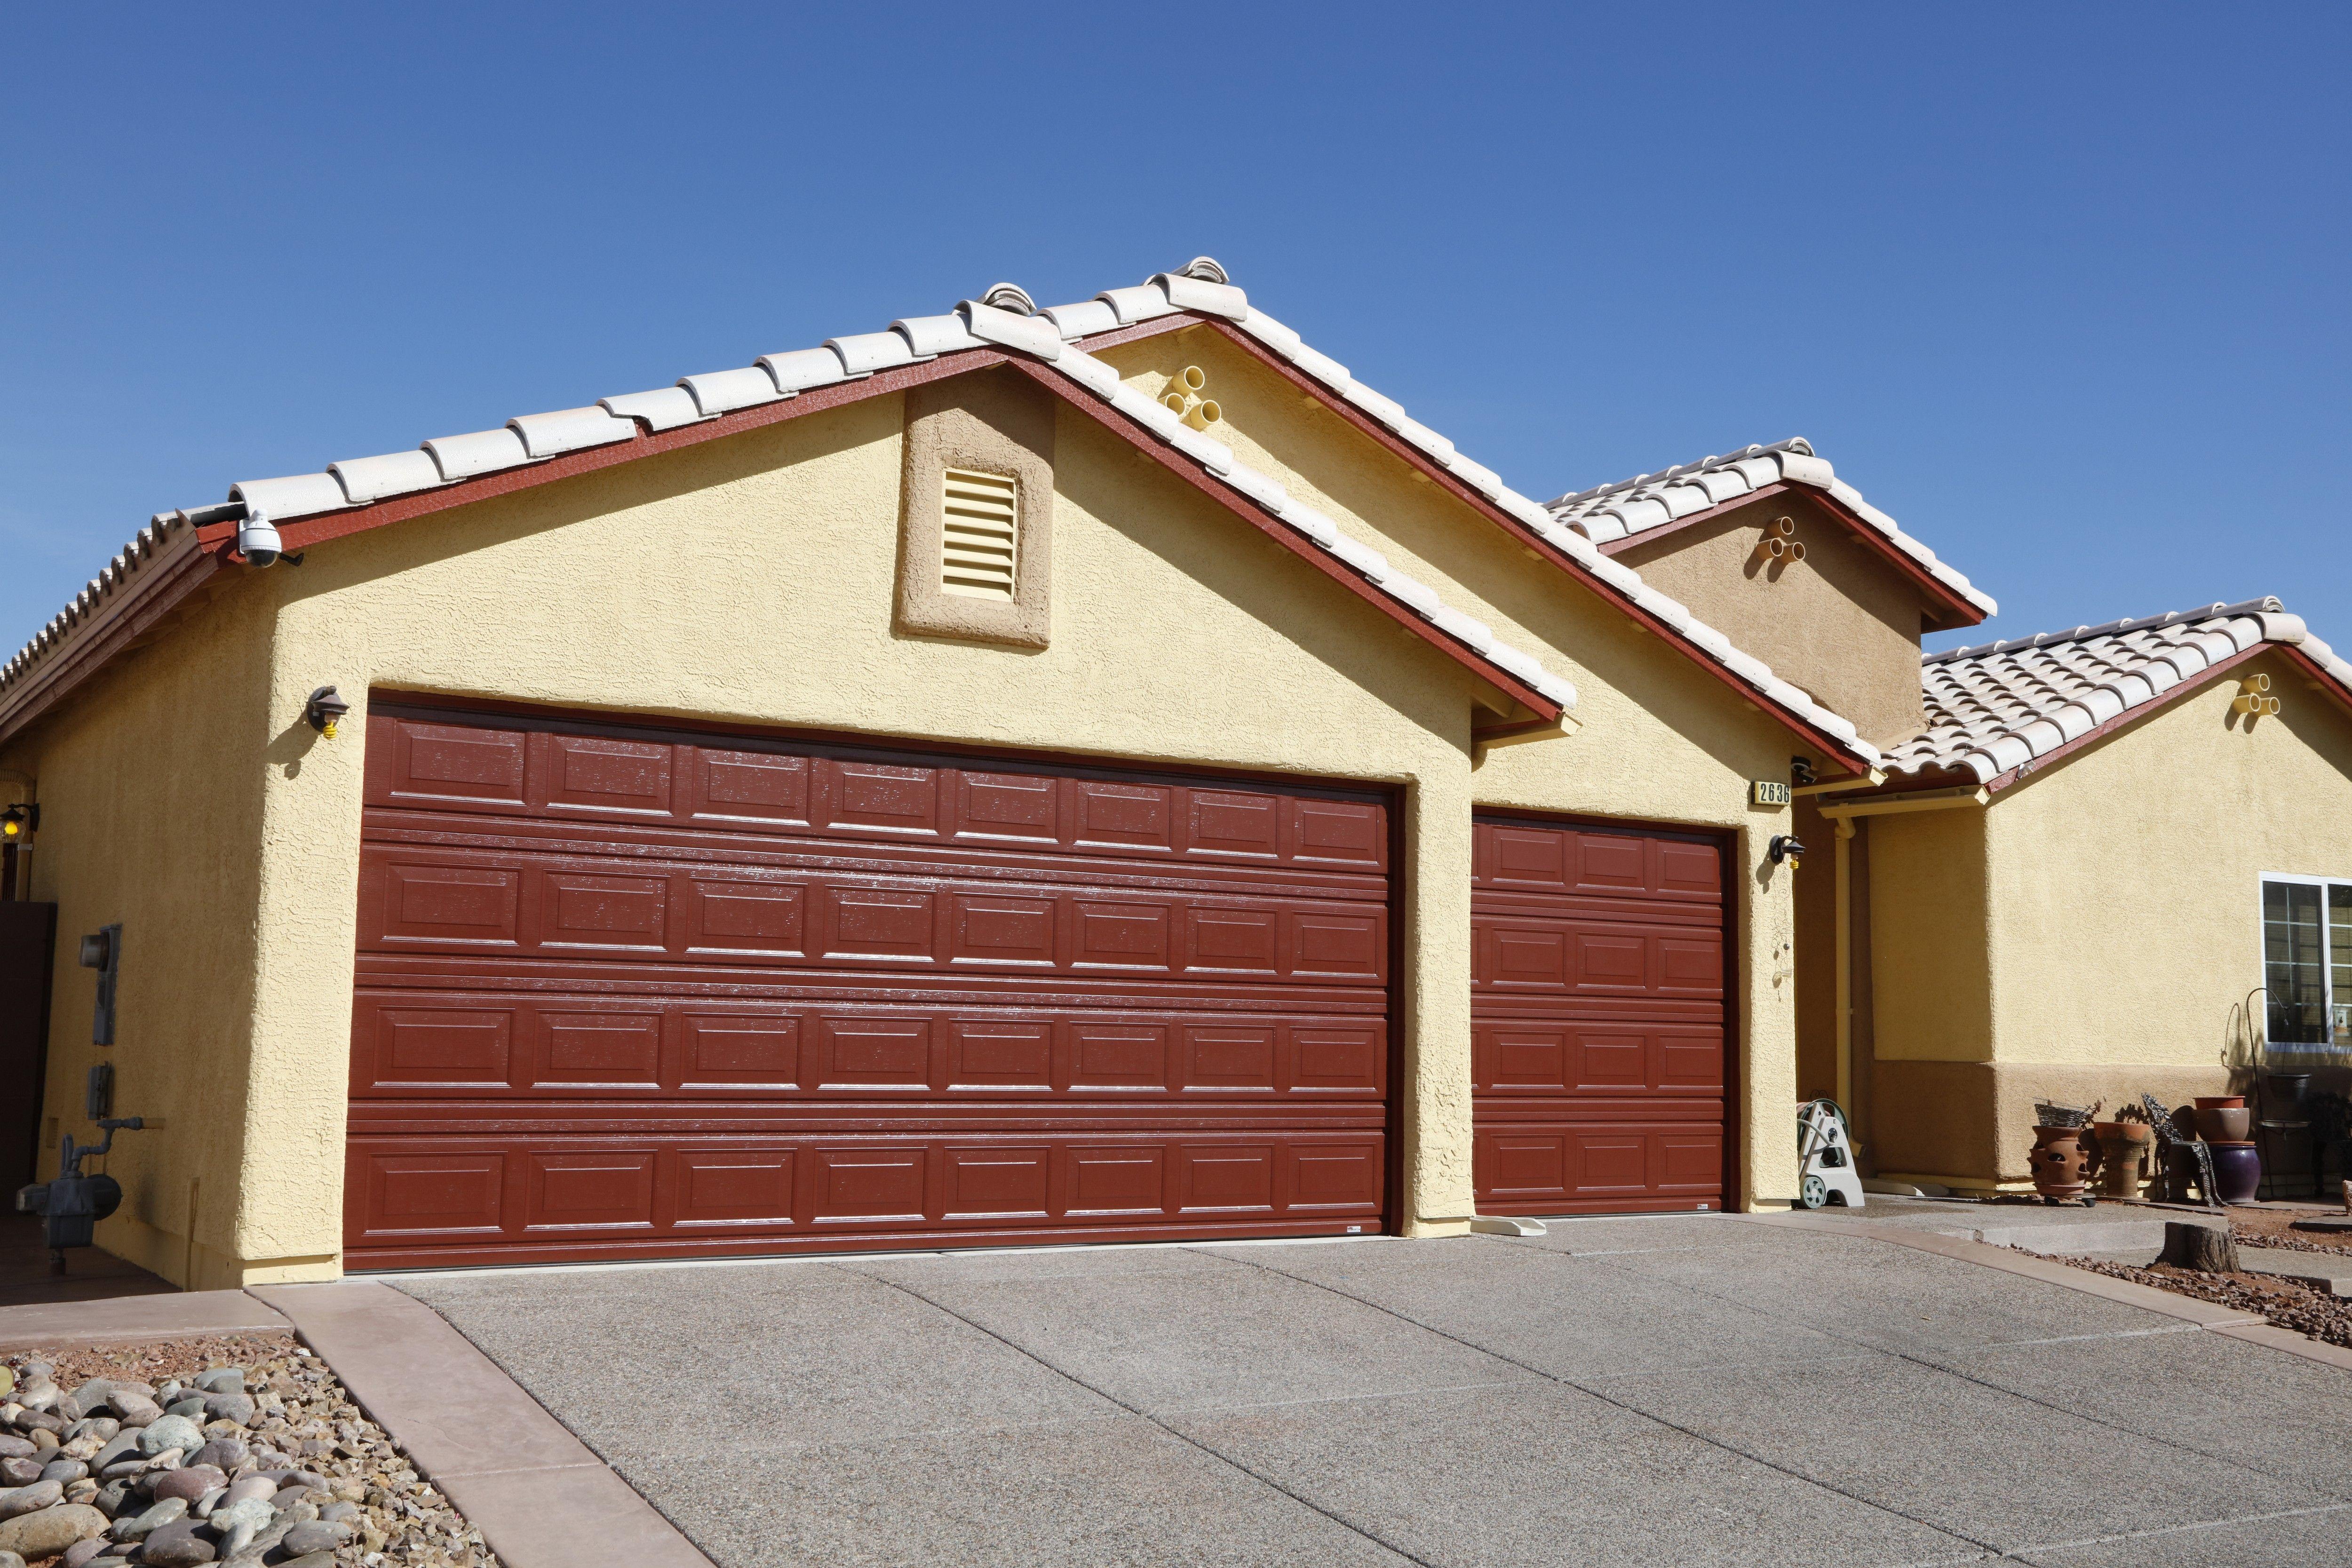 Garage Door Sales Repair Installs Garage Doors For Sale